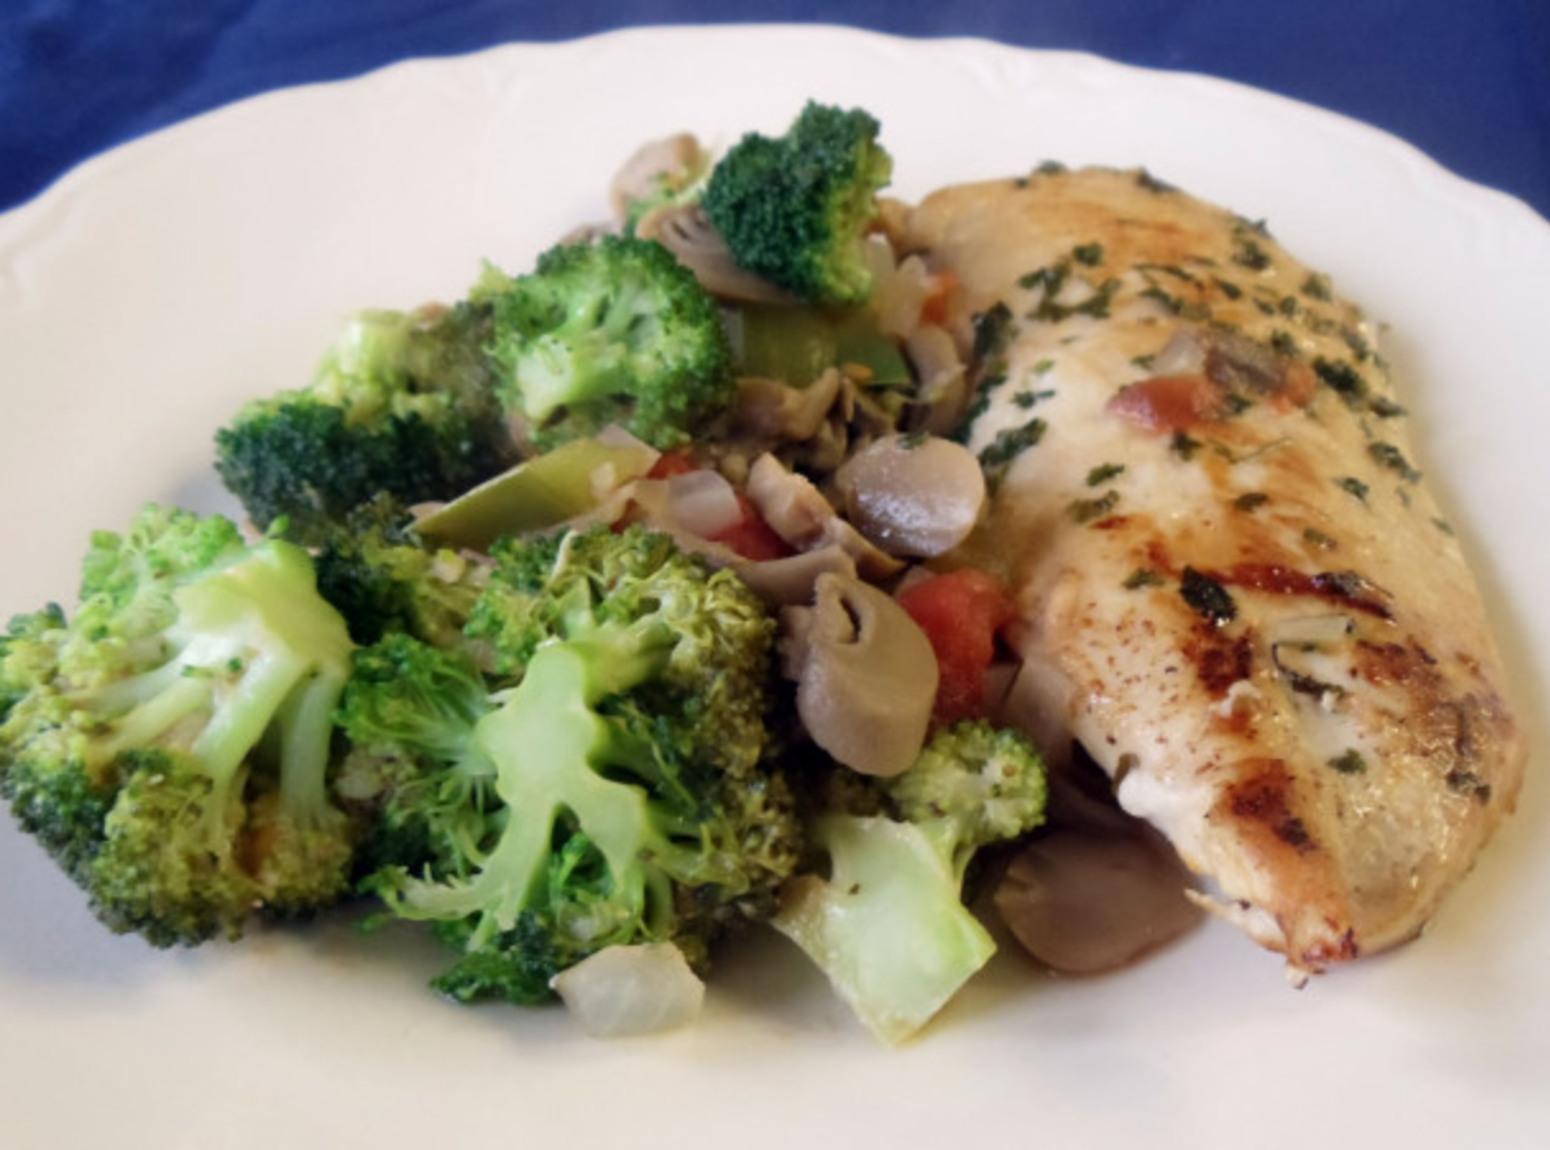 Evil Chicken & Broccoli Skillet Recipe